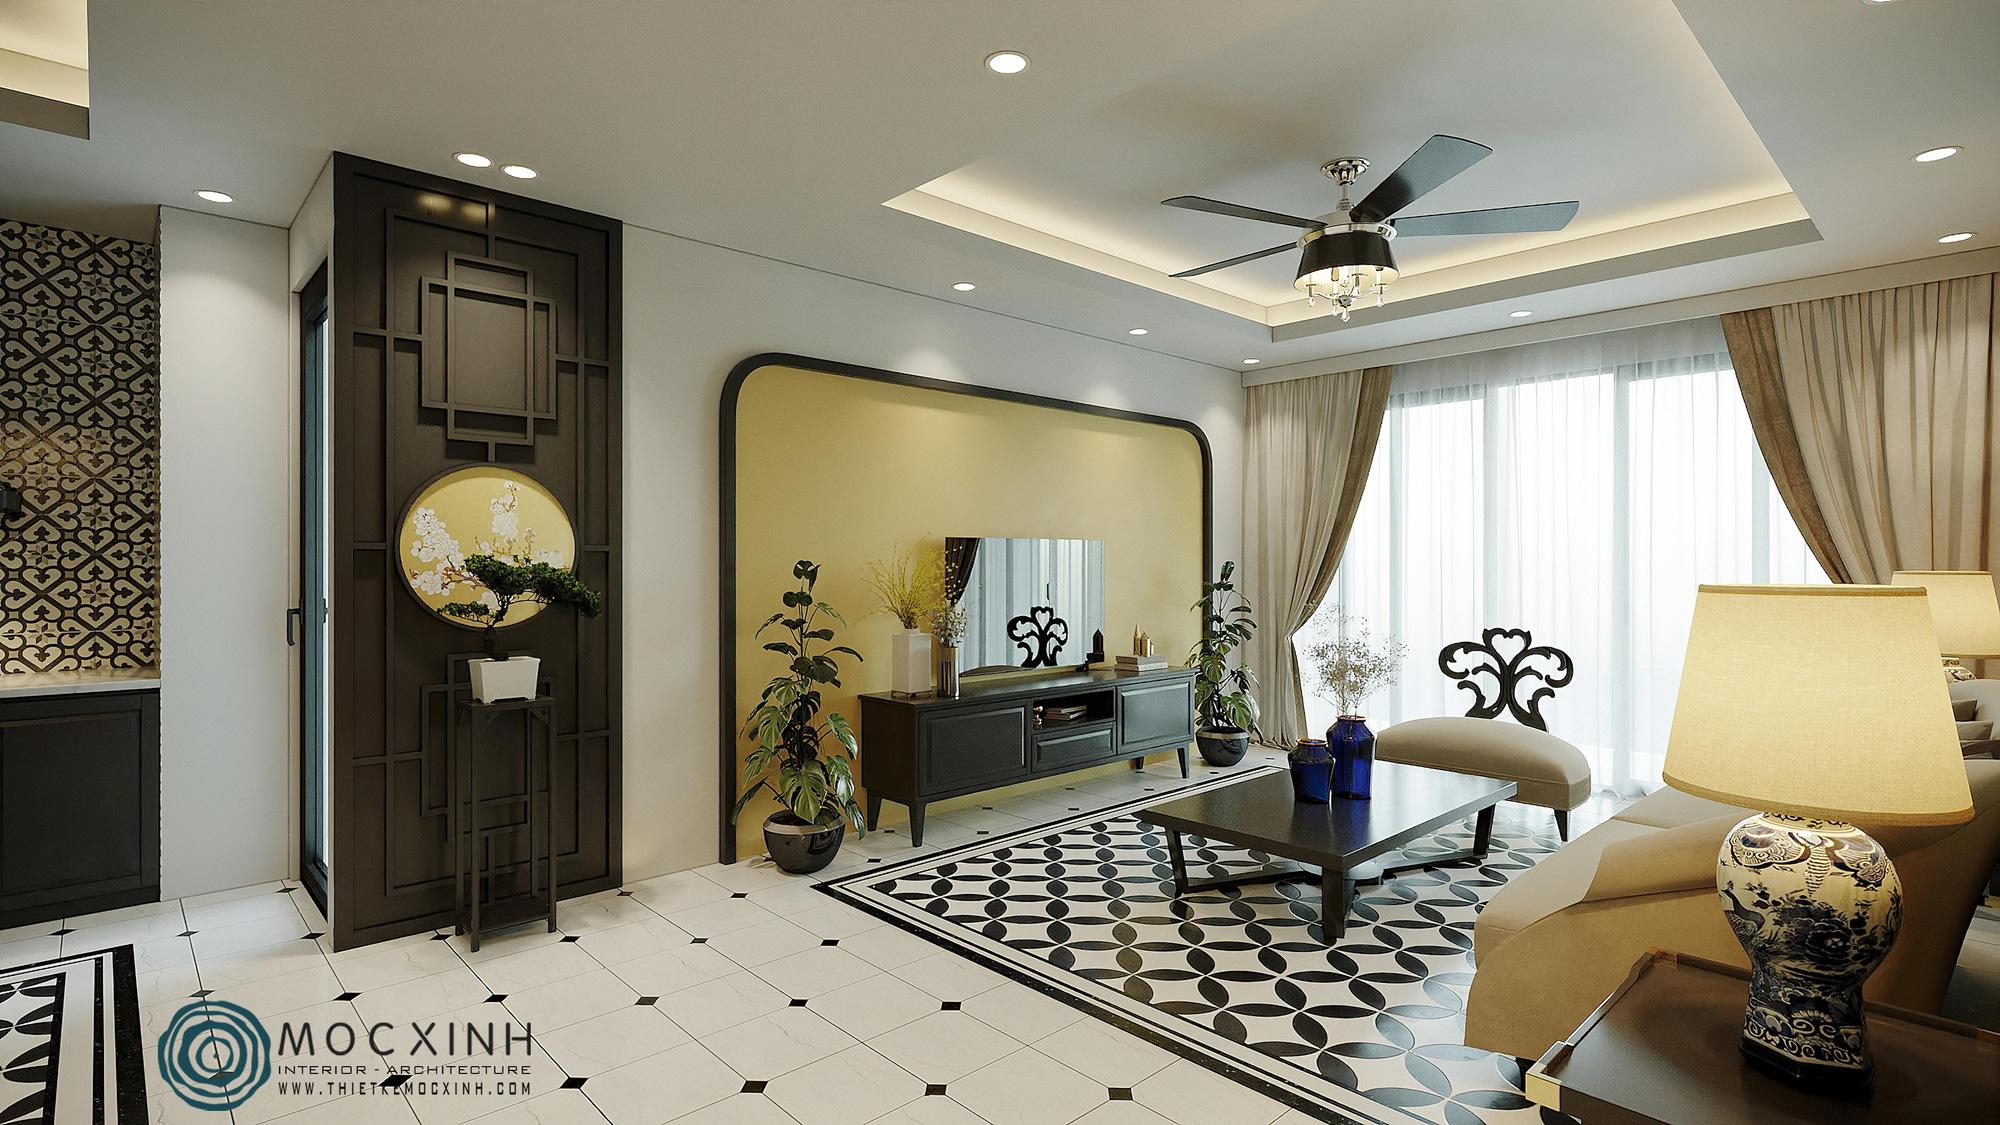 Những ý tưởng độc đáo cho thiết kế nội thất căn hộ chung cư hiện đại đẹp nhất - Ảnh 7.